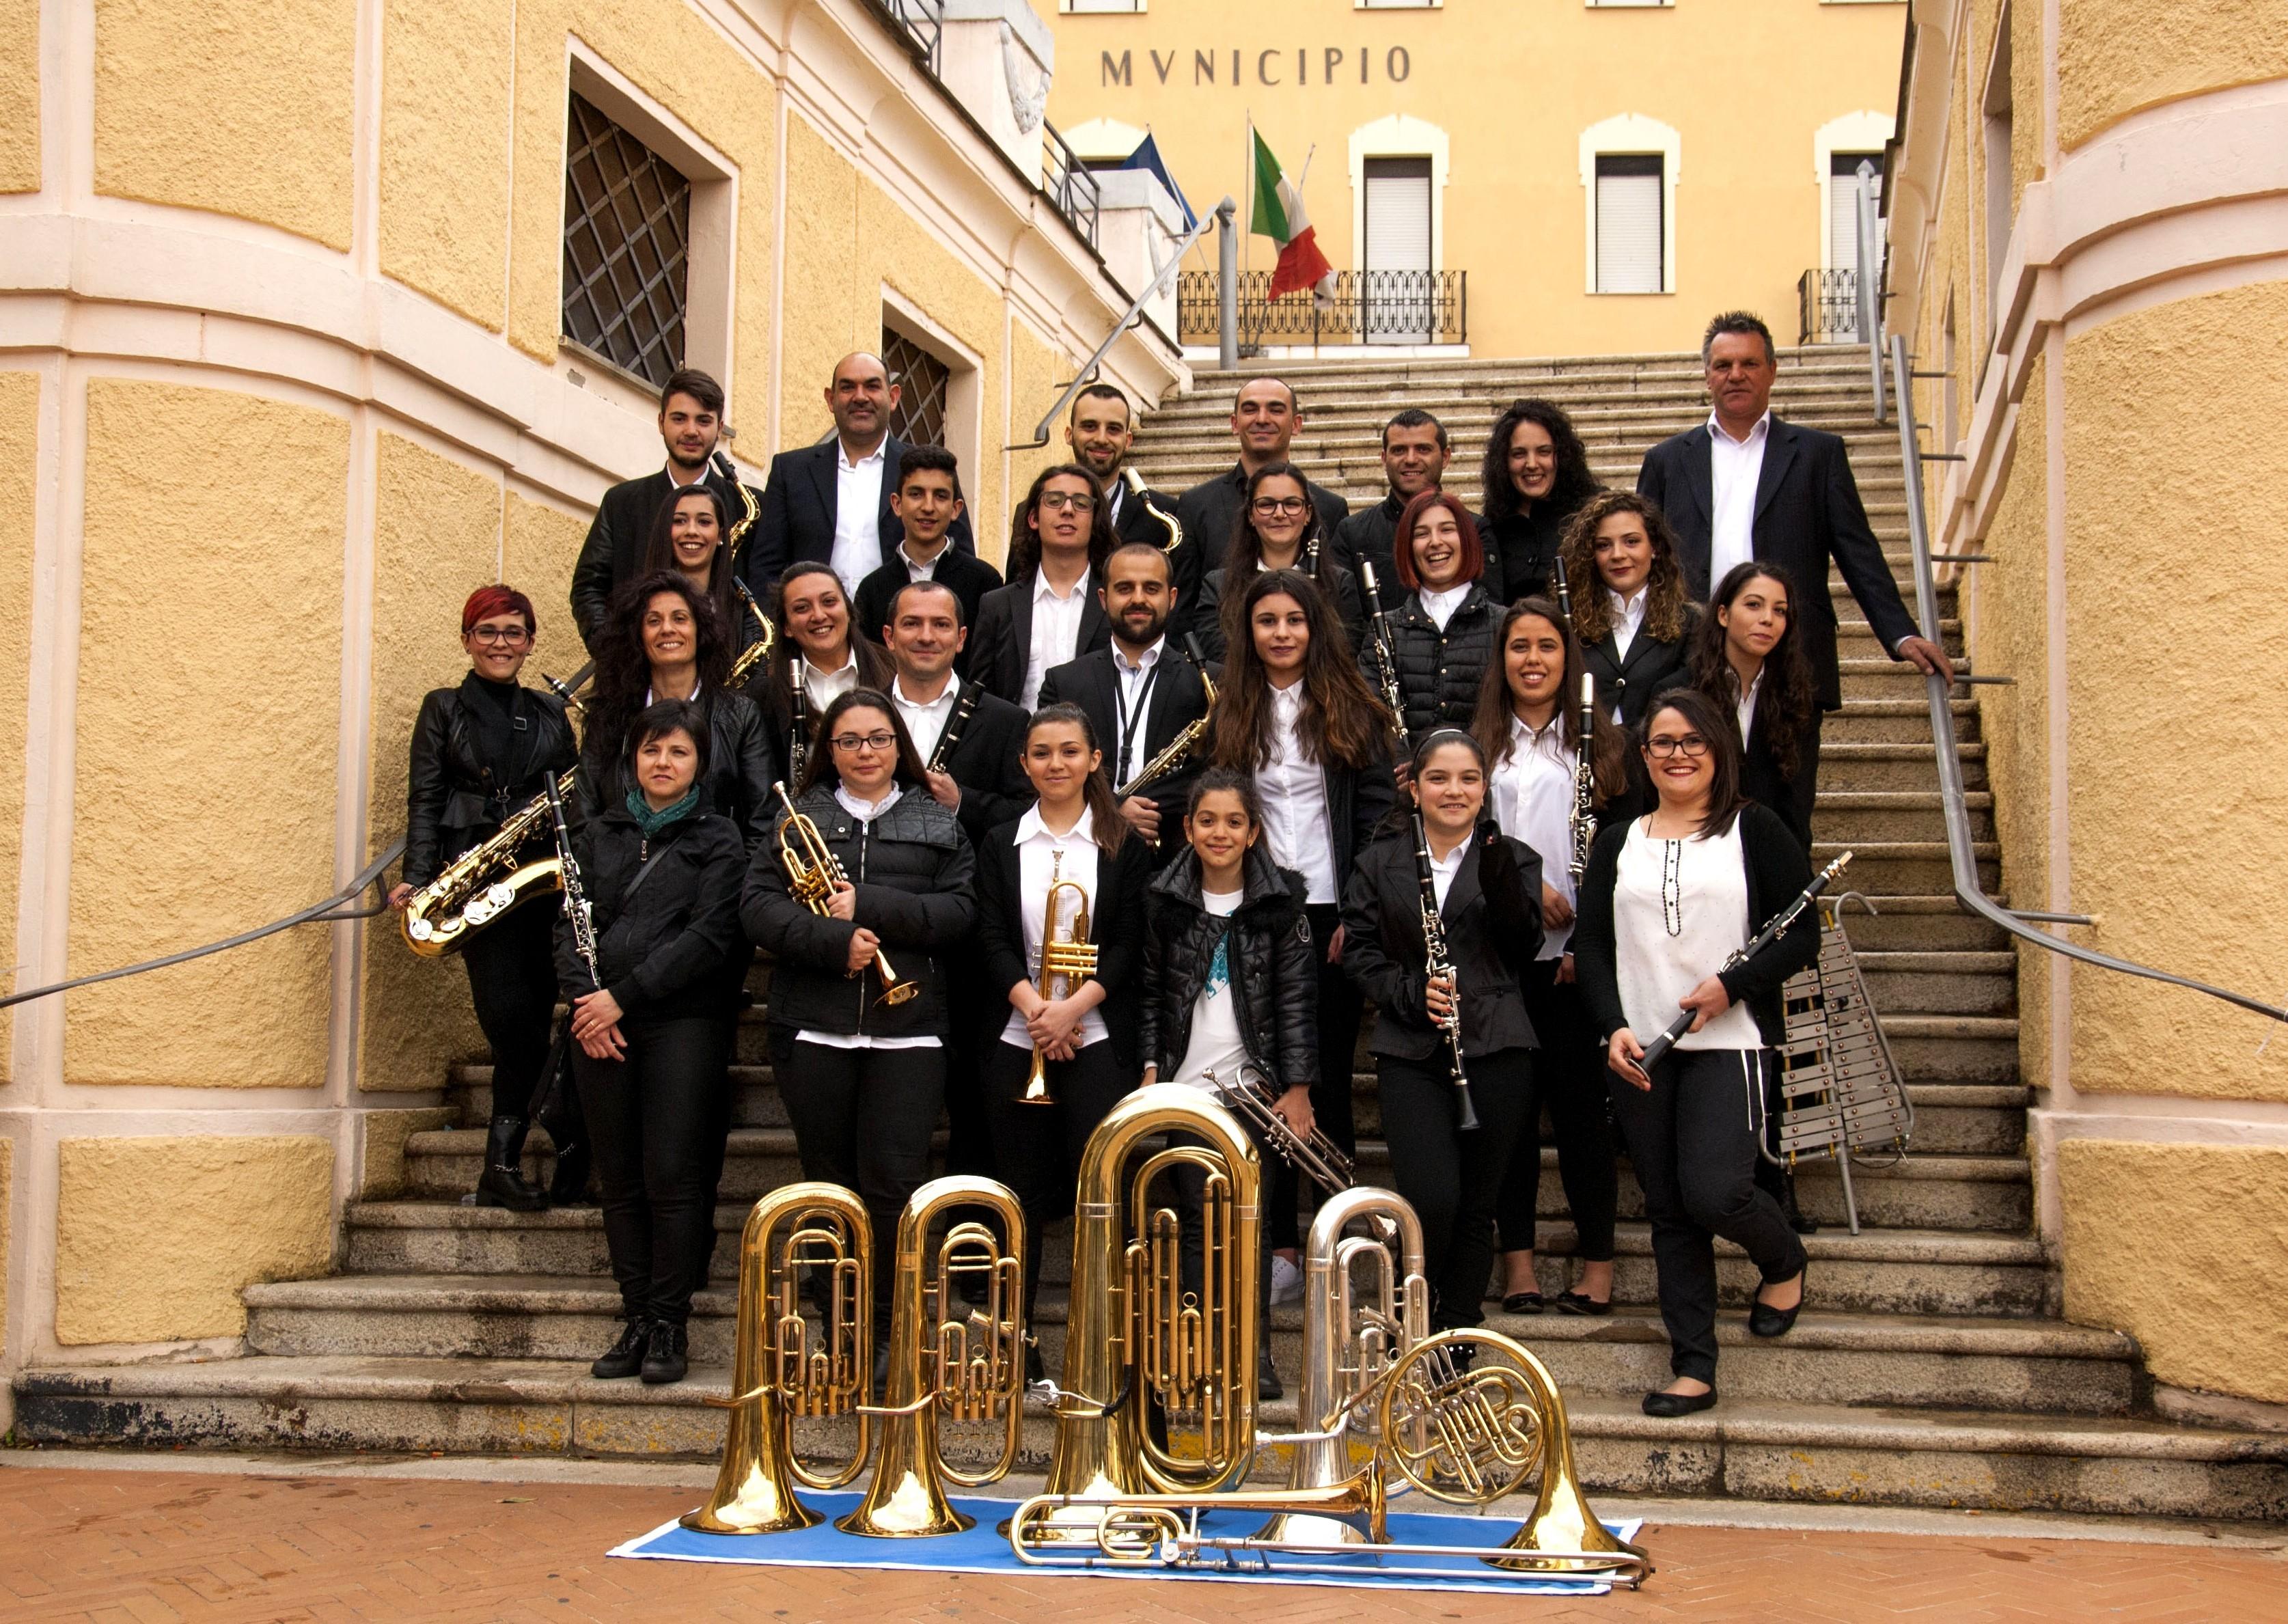 Nasce la Banda Musicale Città di Villacidro